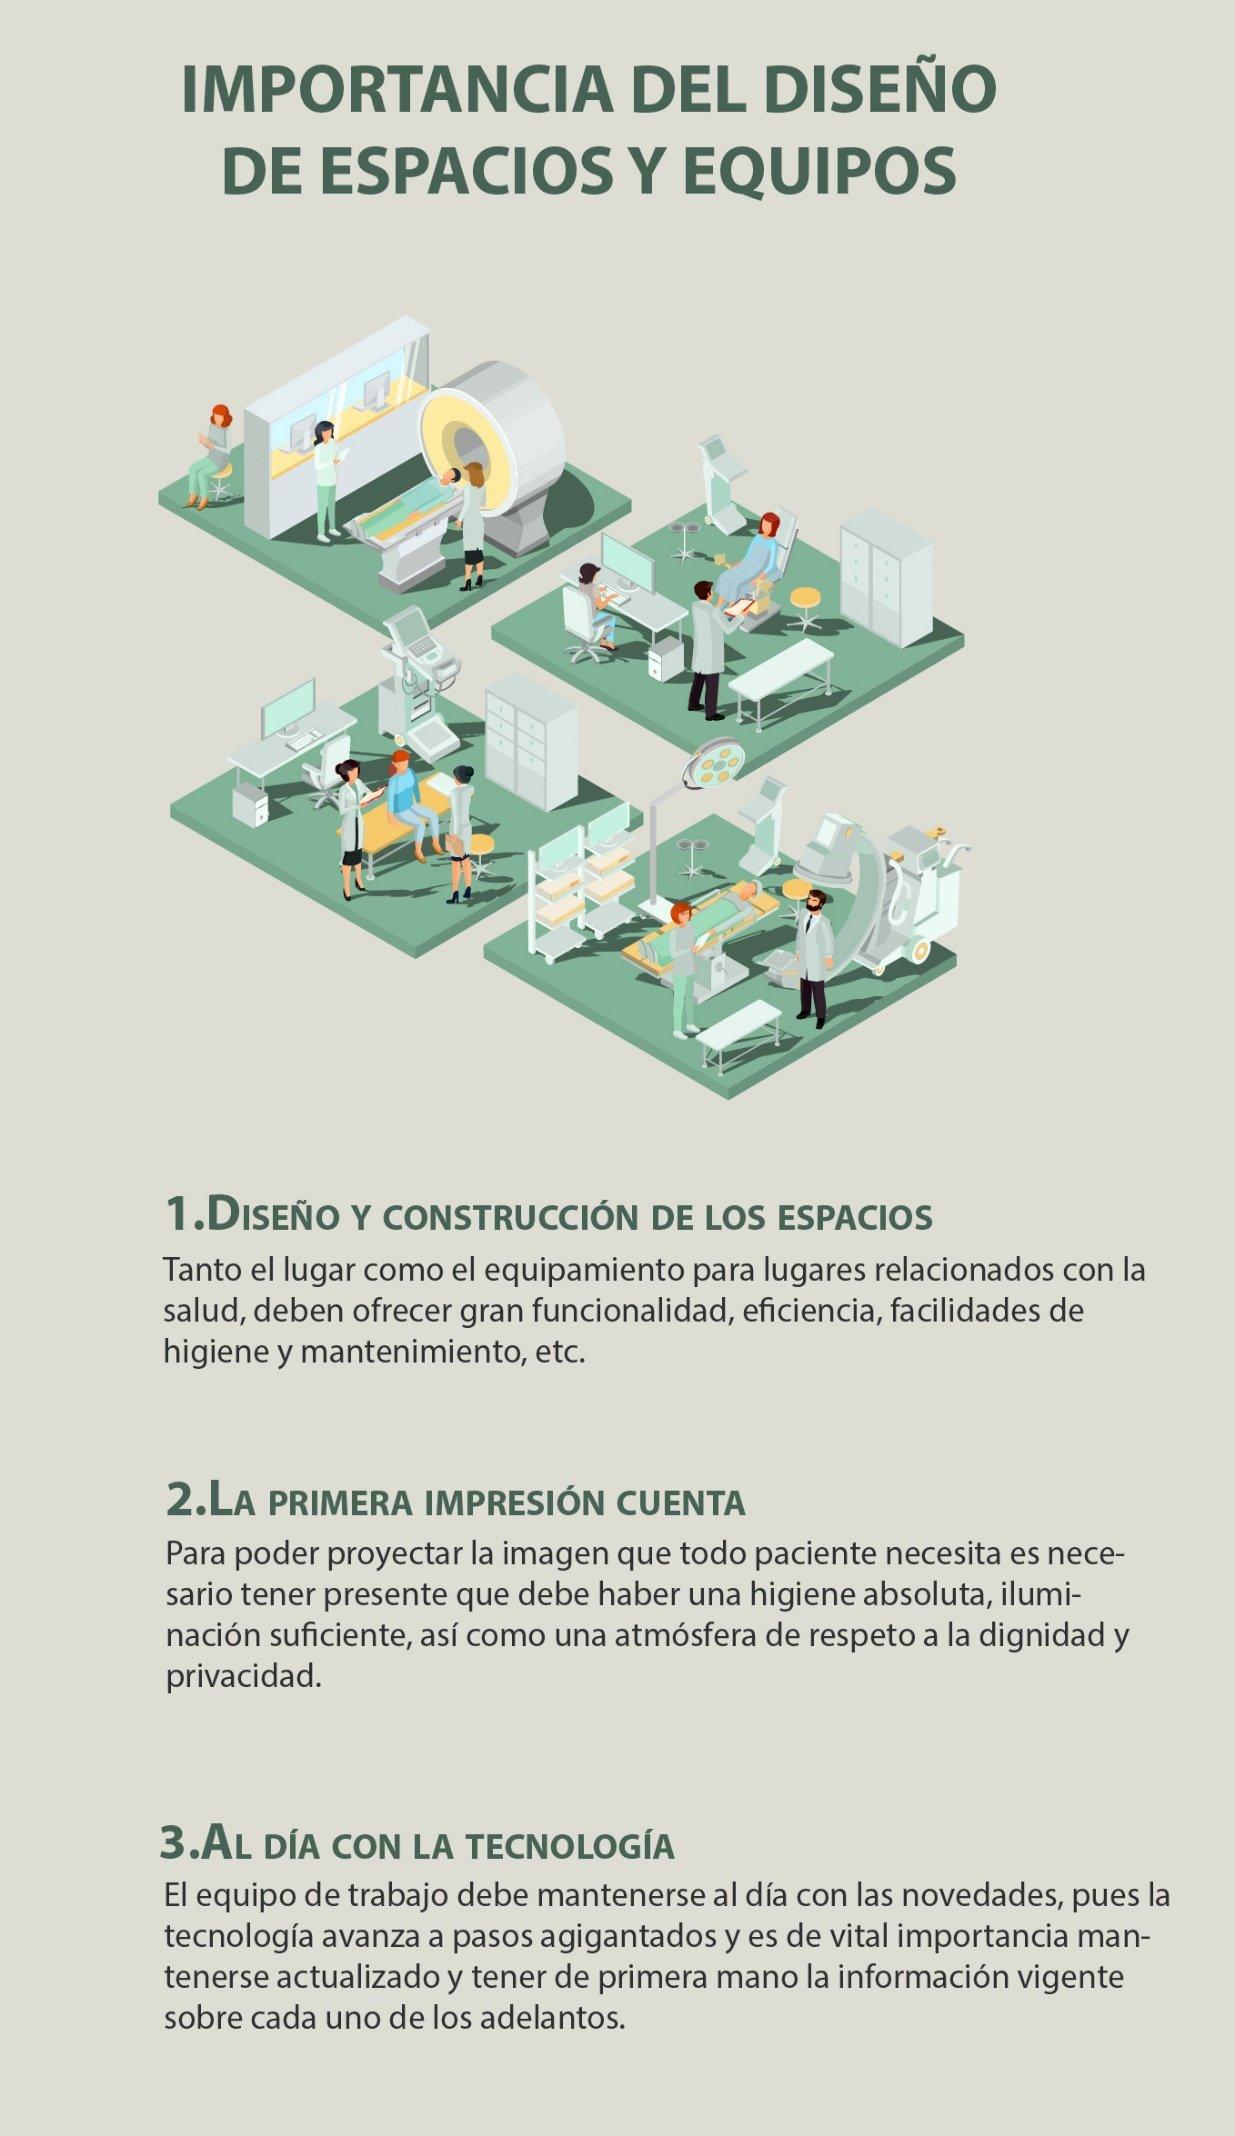 Diseño y espacio de equipos